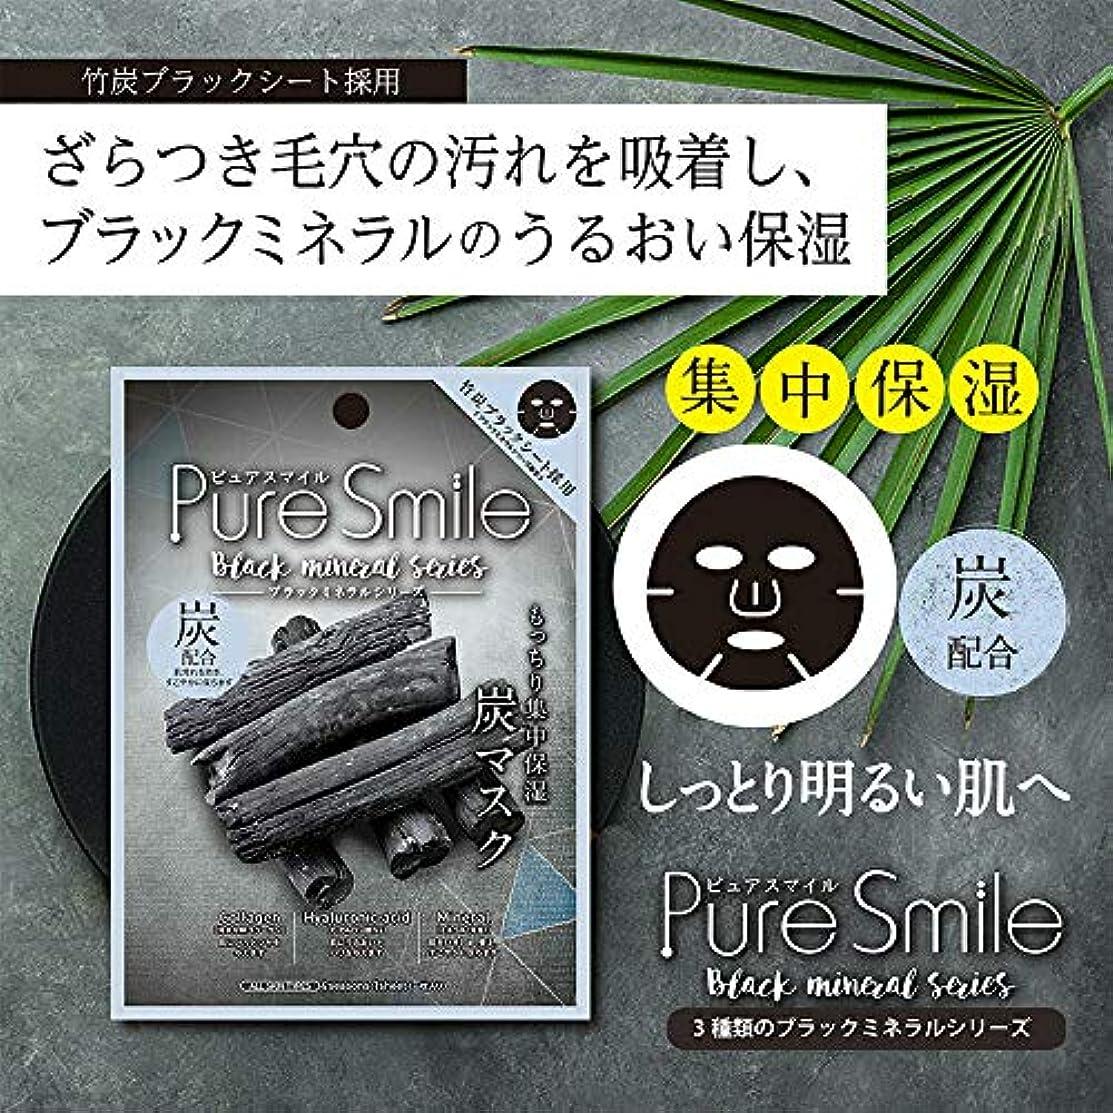 筋超越するルールPure Smile(ピュアスマイル) エッセンスマスク 『ブラックミネラルシリーズ』(炭) フェイスマスク パック